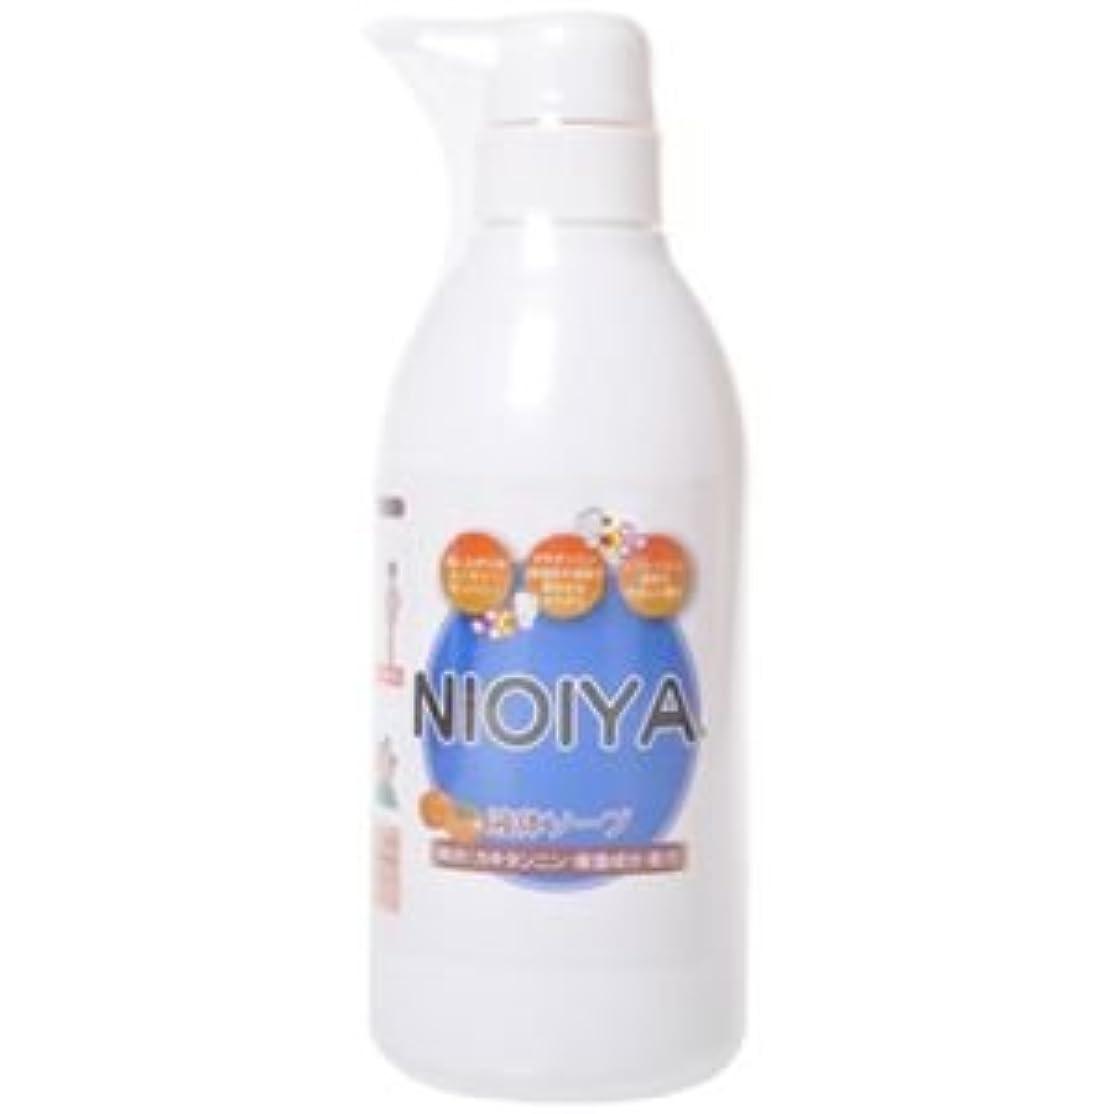 蒸気承認する予防接種NIOIYA 柿渋配合 液体ソープ 500ml 【2セット】